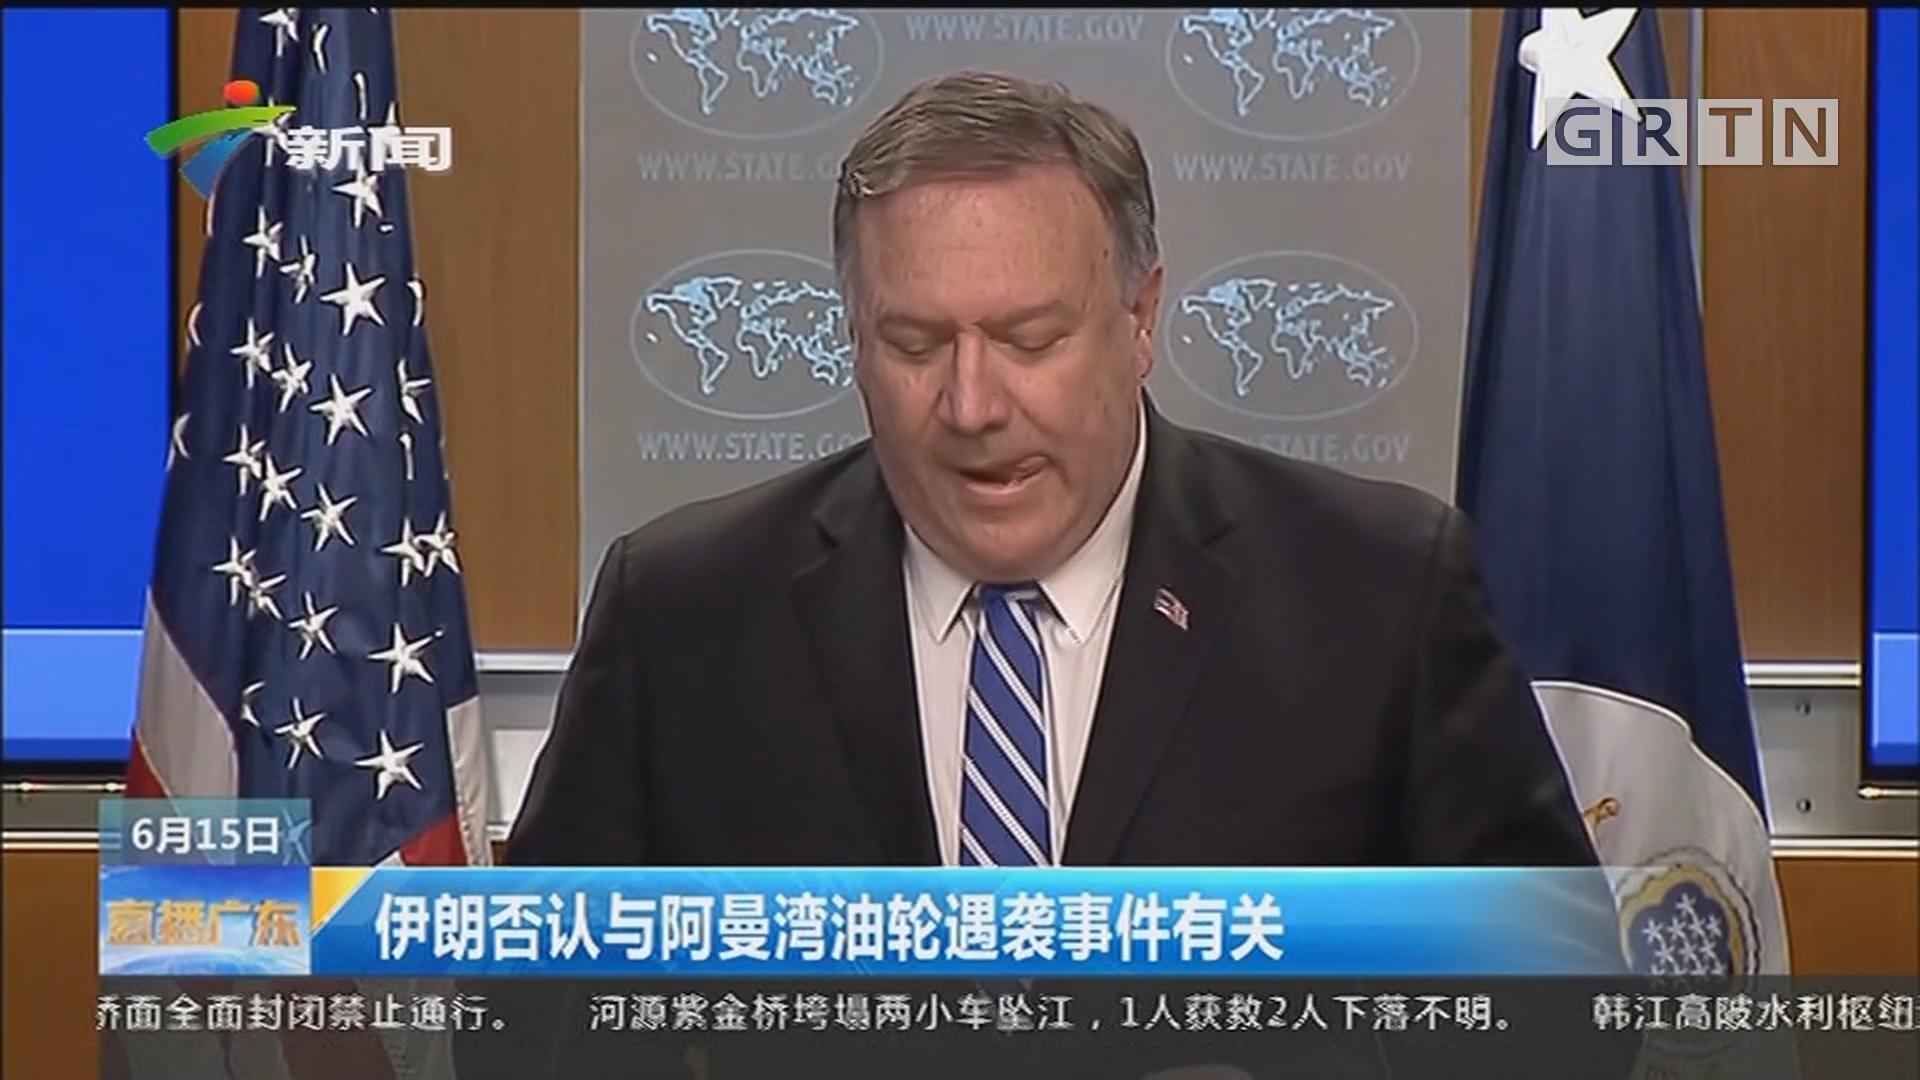 伊朗否认与阿曼湾油轮遇袭事件有关